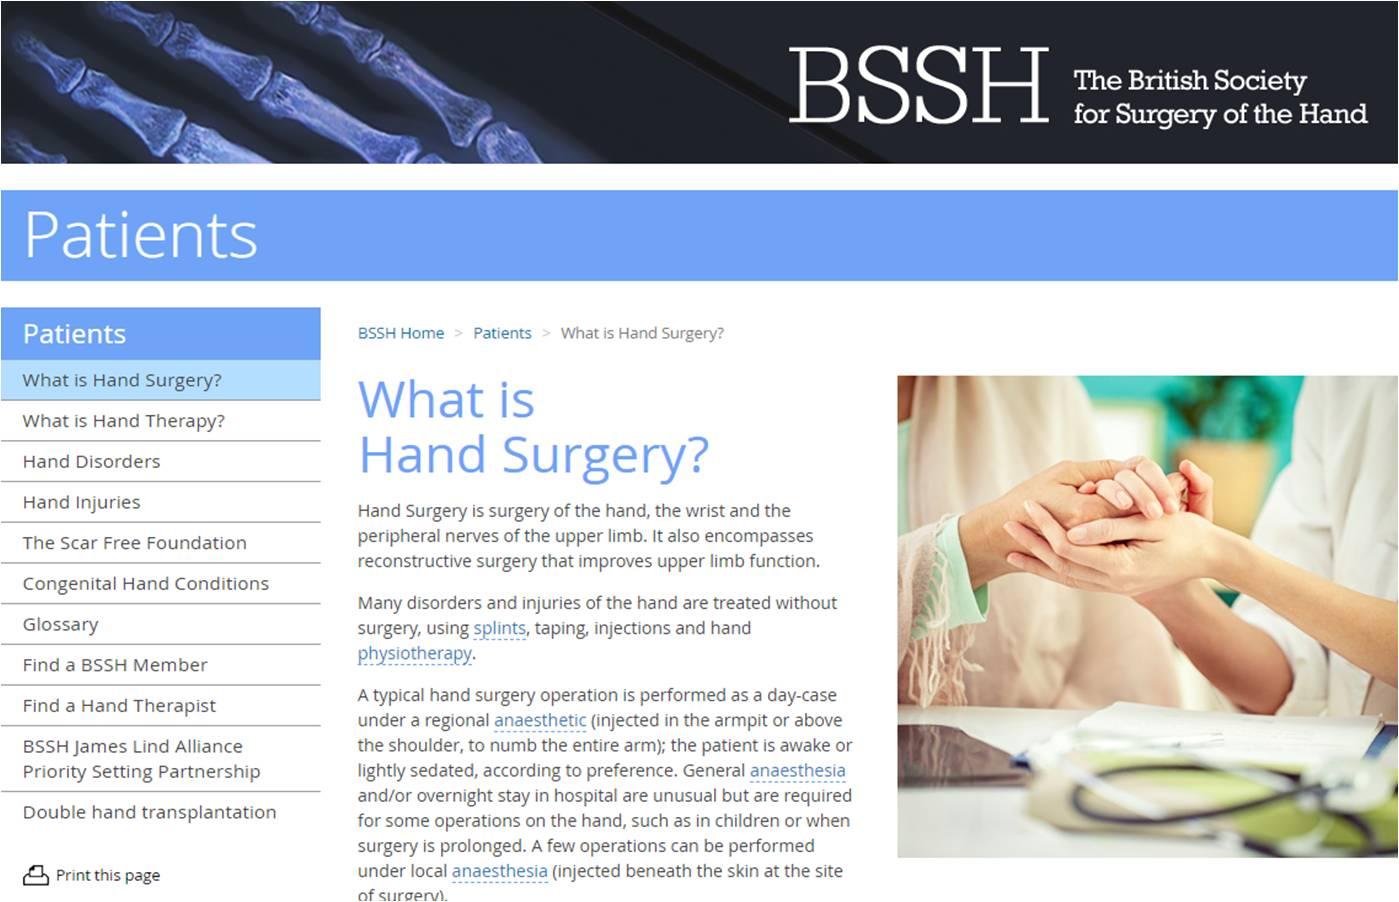 O que é cirurgia da mão